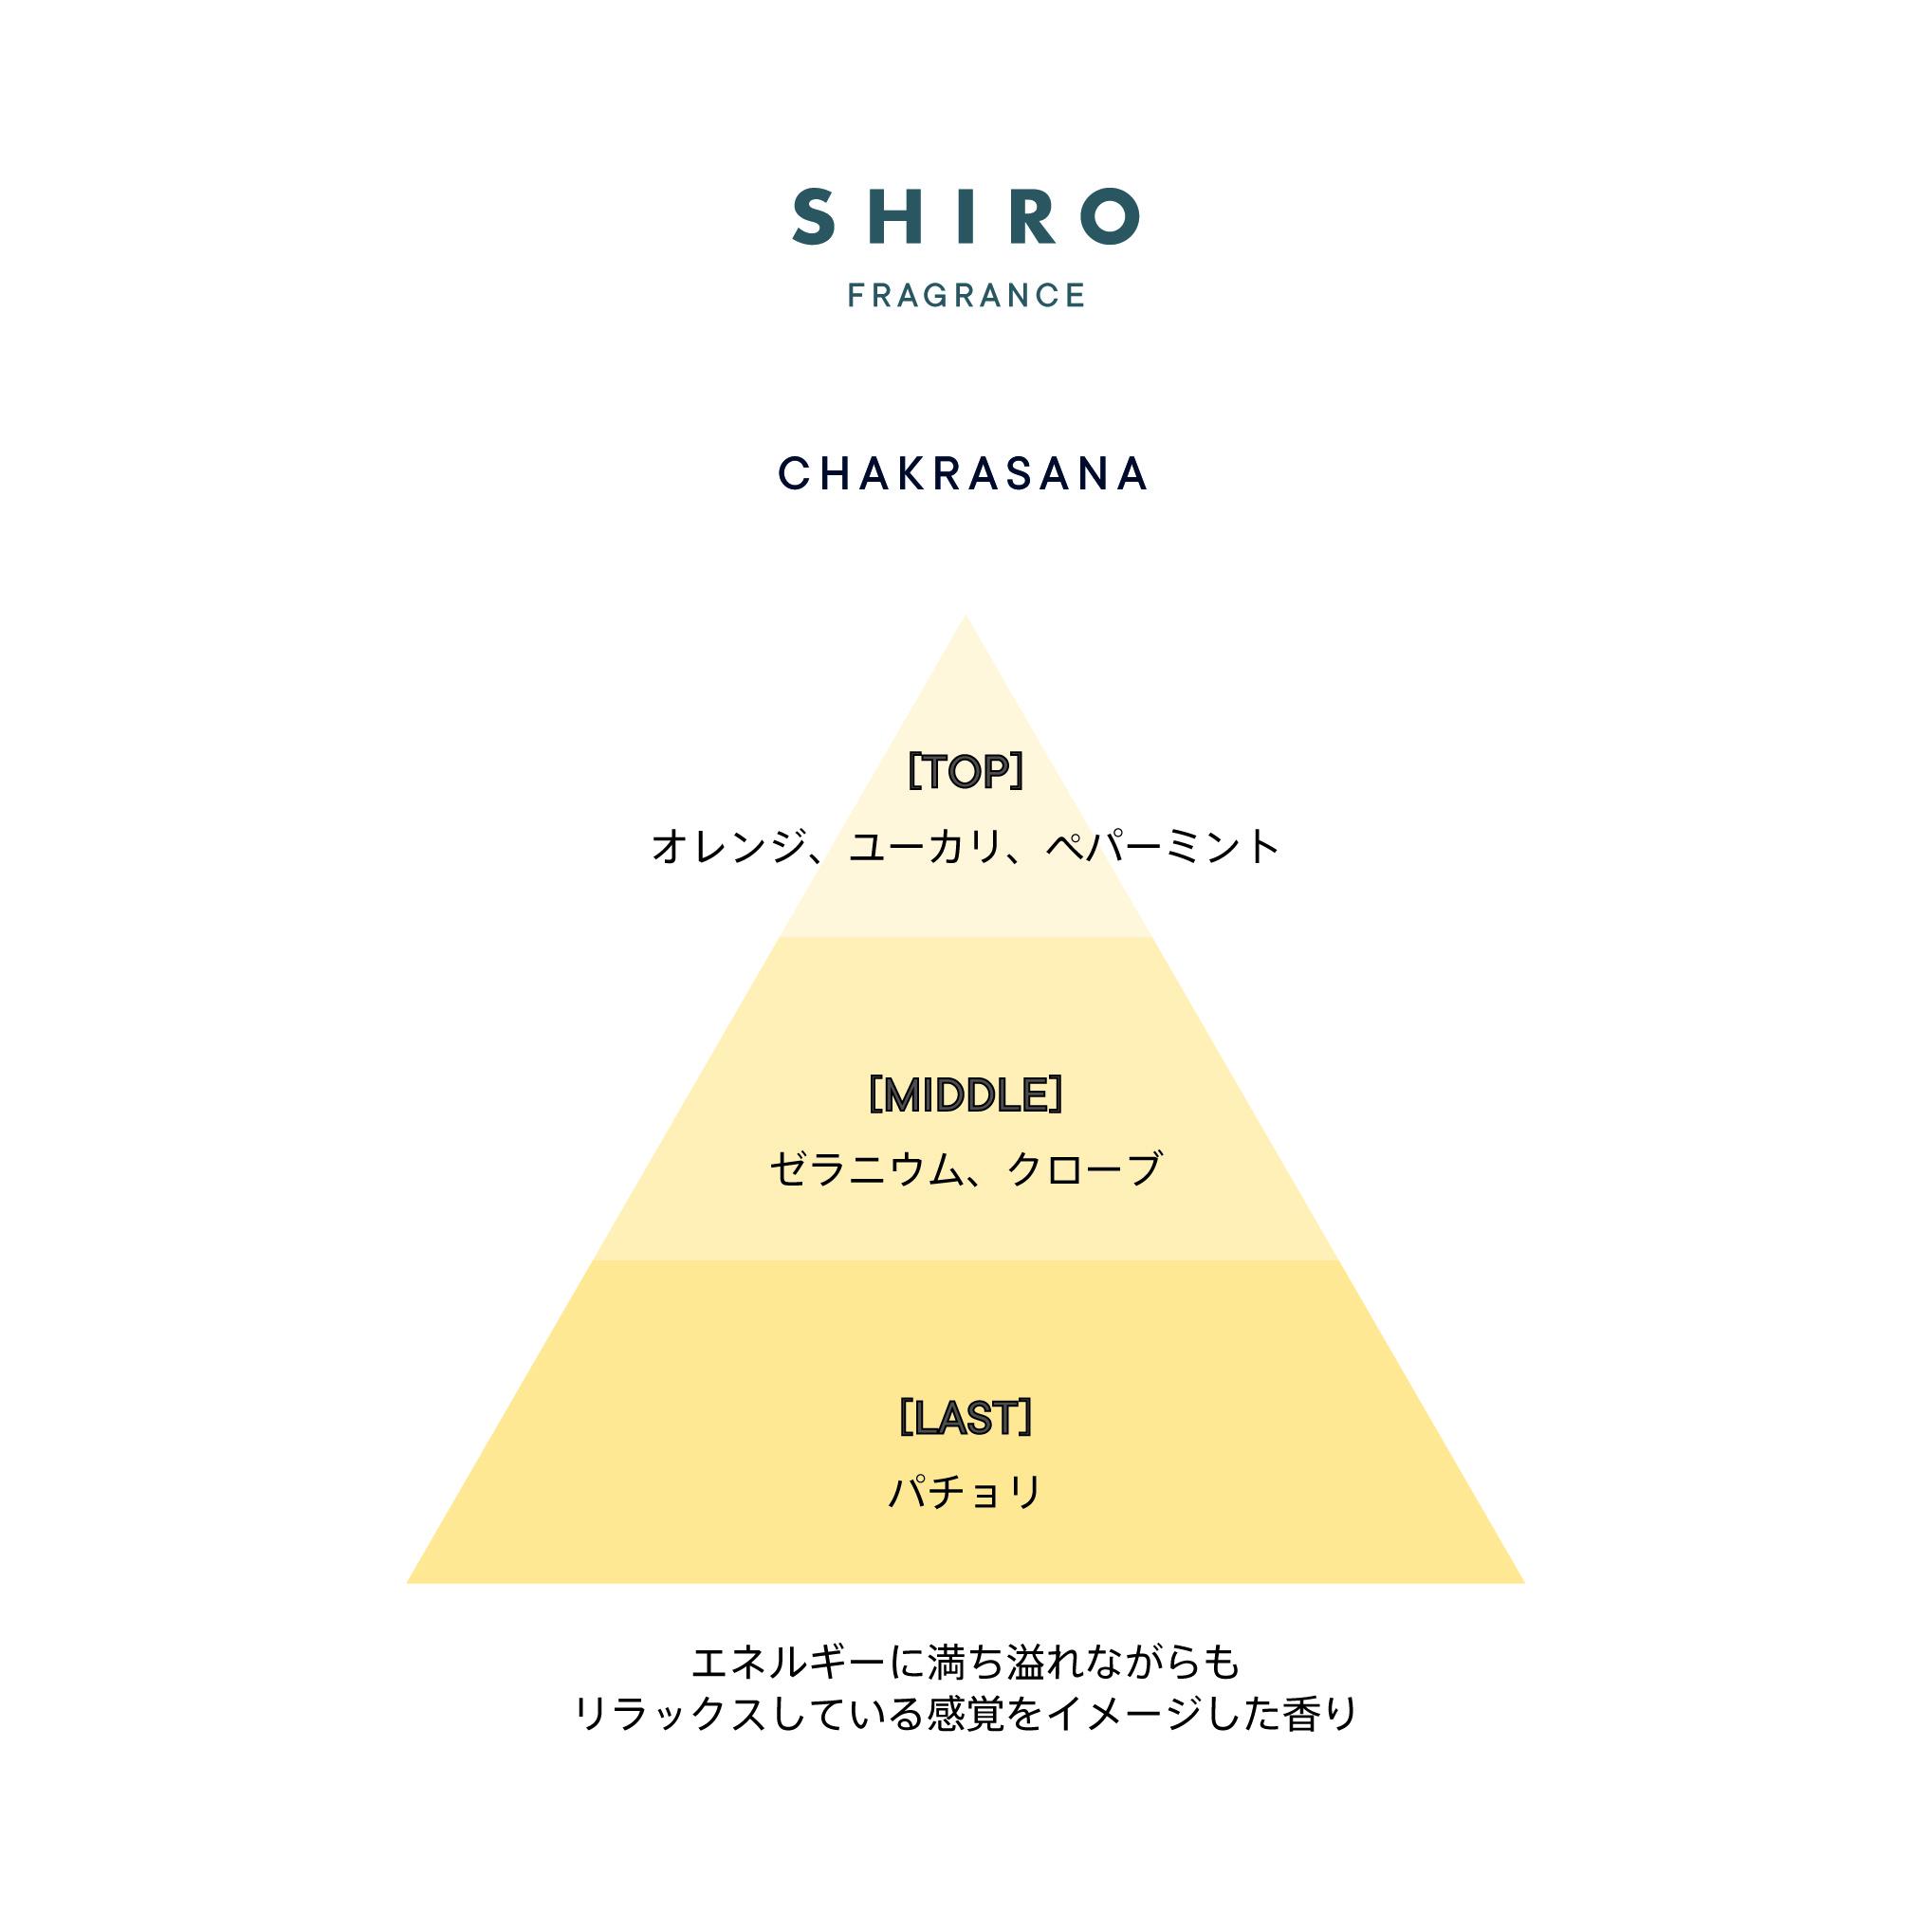 ハンド リフレッシュ shiro